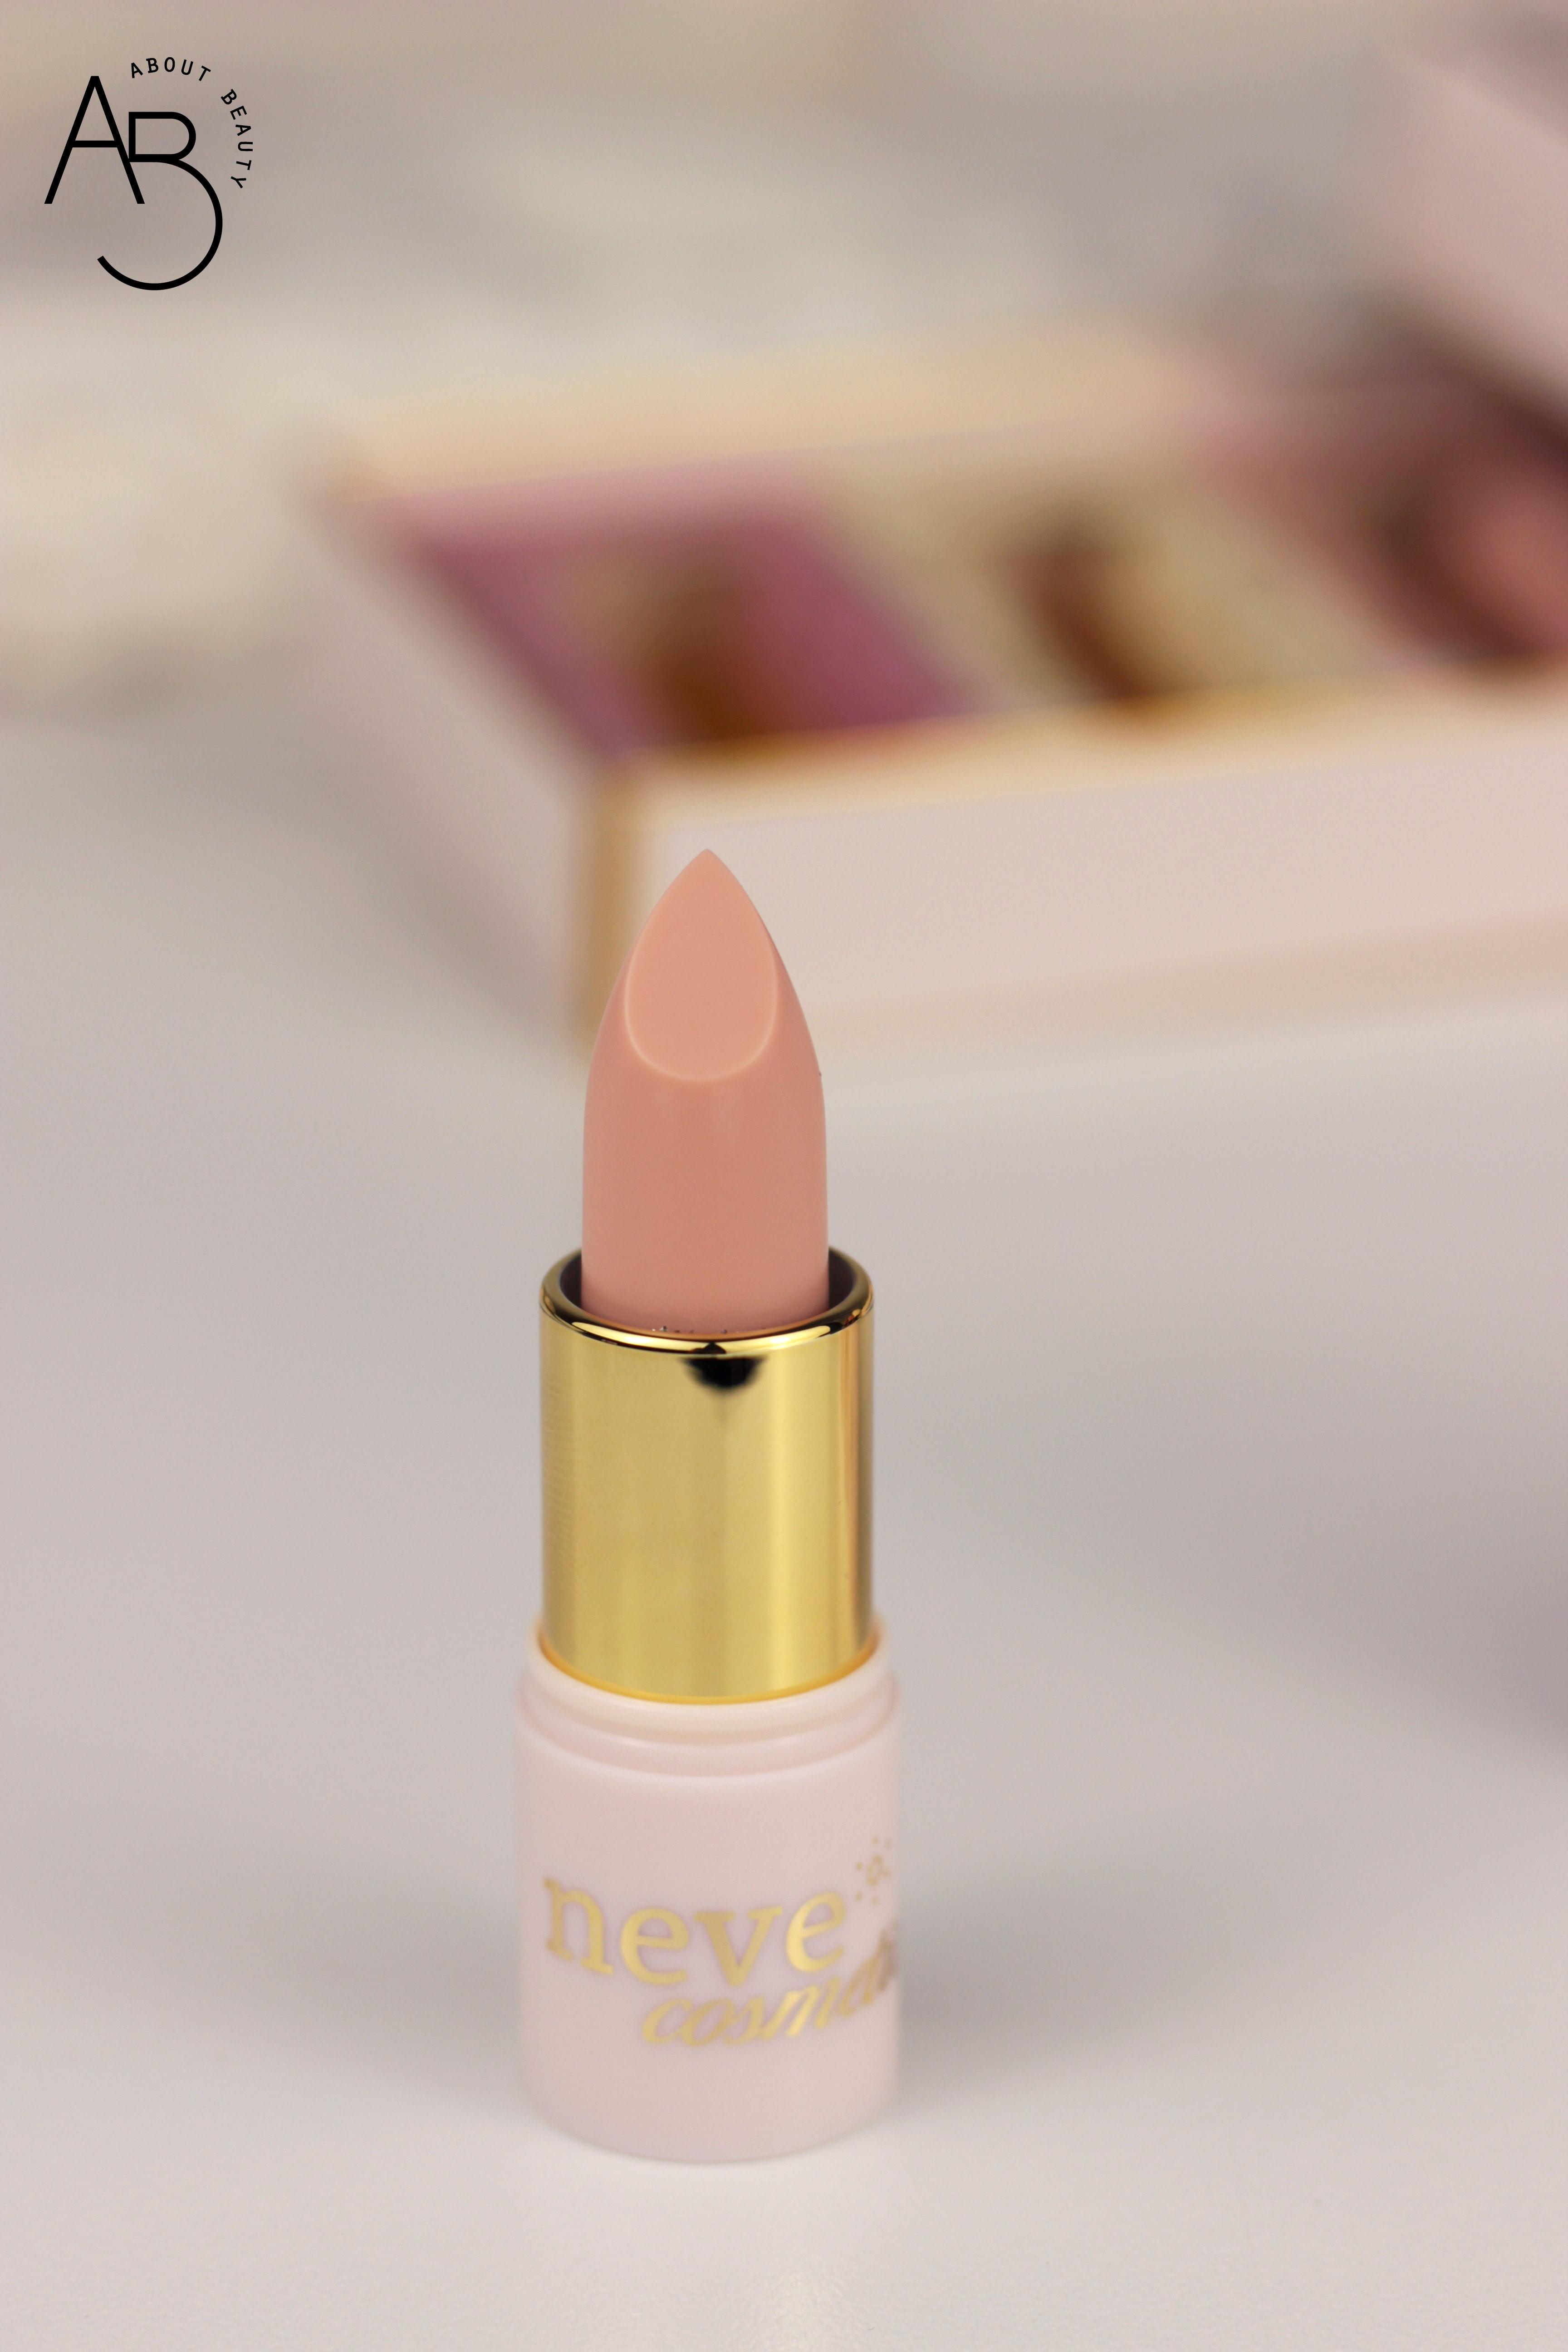 Neve Cosmetics Lippini balsami labbra - Review recensione info prezzo dove acquistare promo sconto - Grapedivine sweetsoleil candysoft roseosee - Candysoft